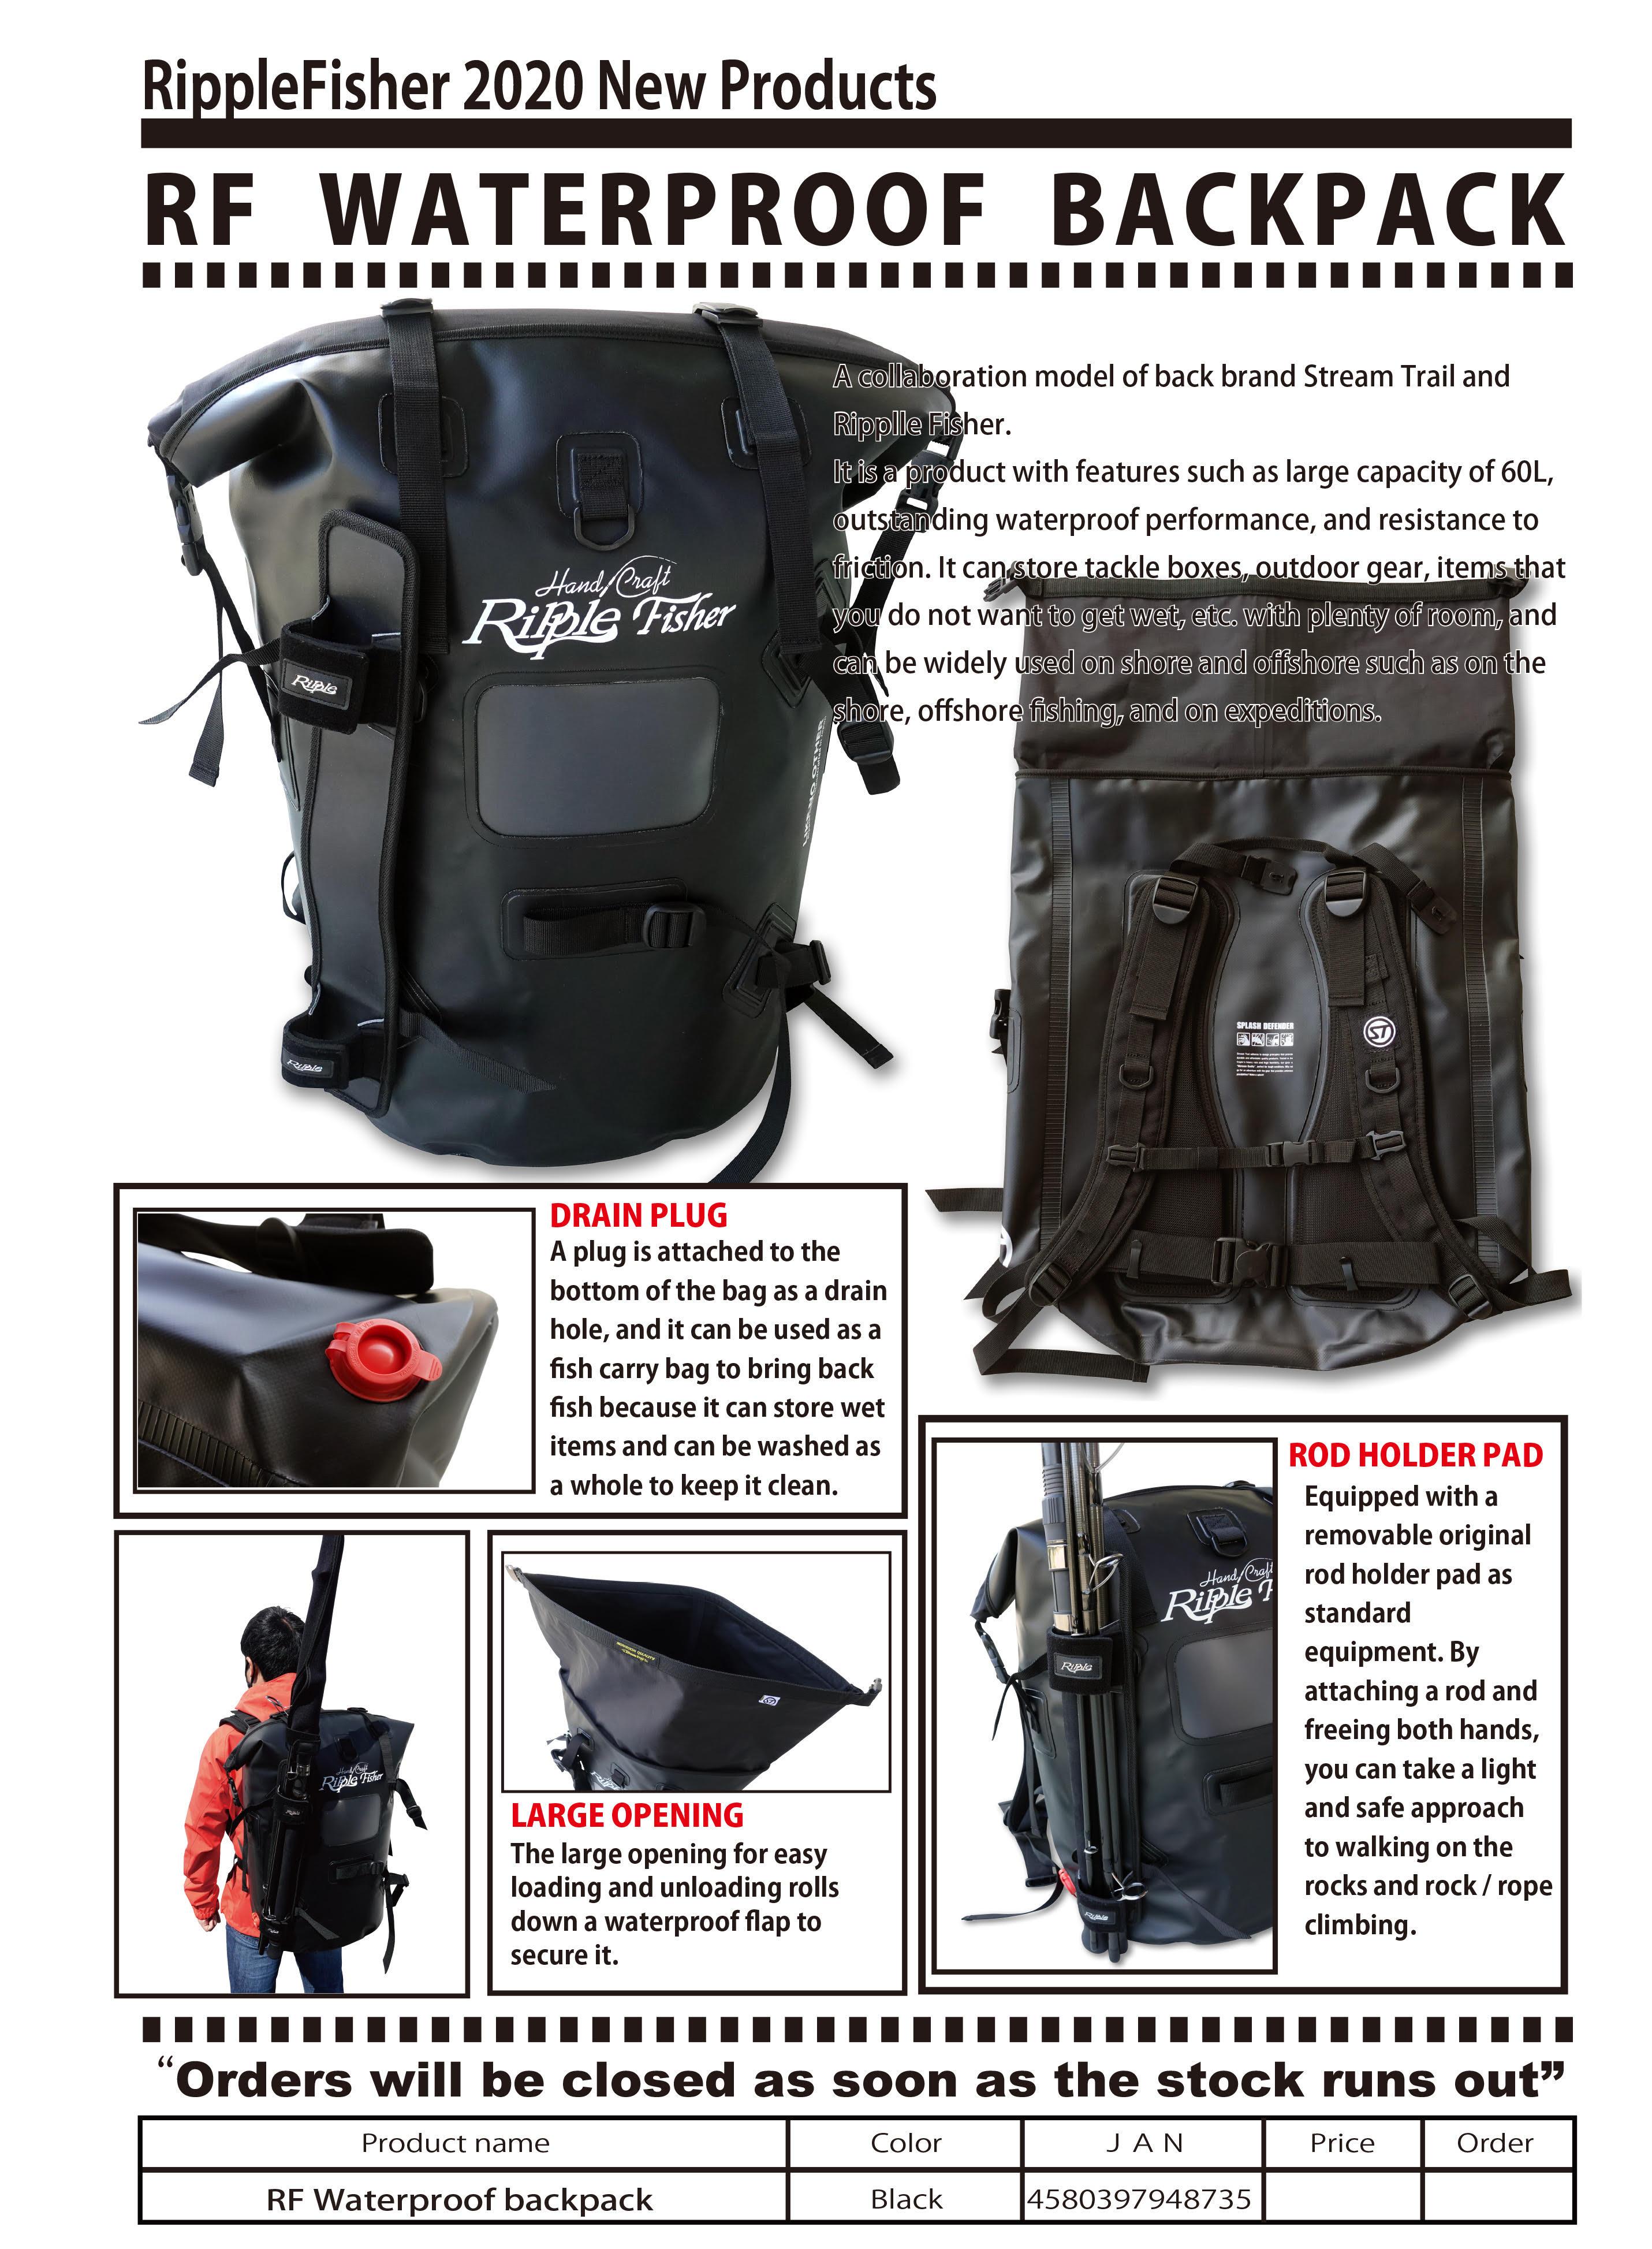 ipple-fisher-waterproof-backpack.jpg